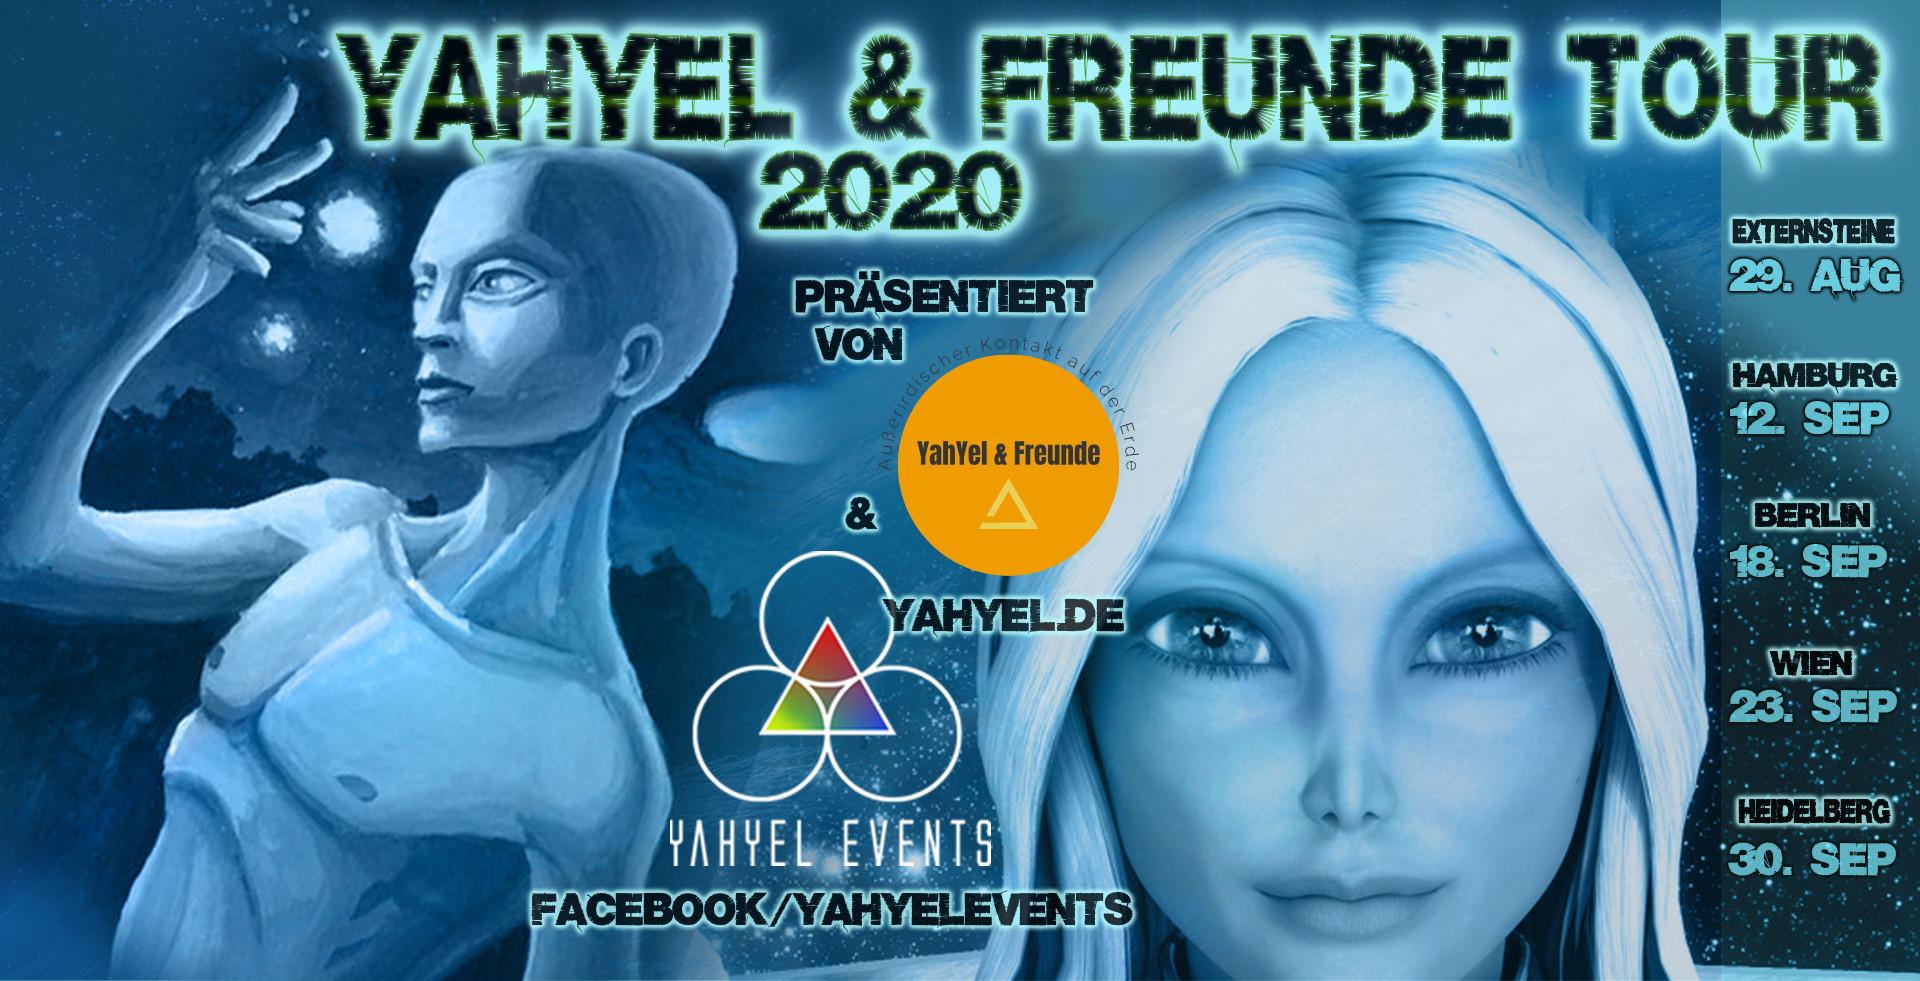 yahyelundfreundetour2020FACEBOOKSIZE 2 K